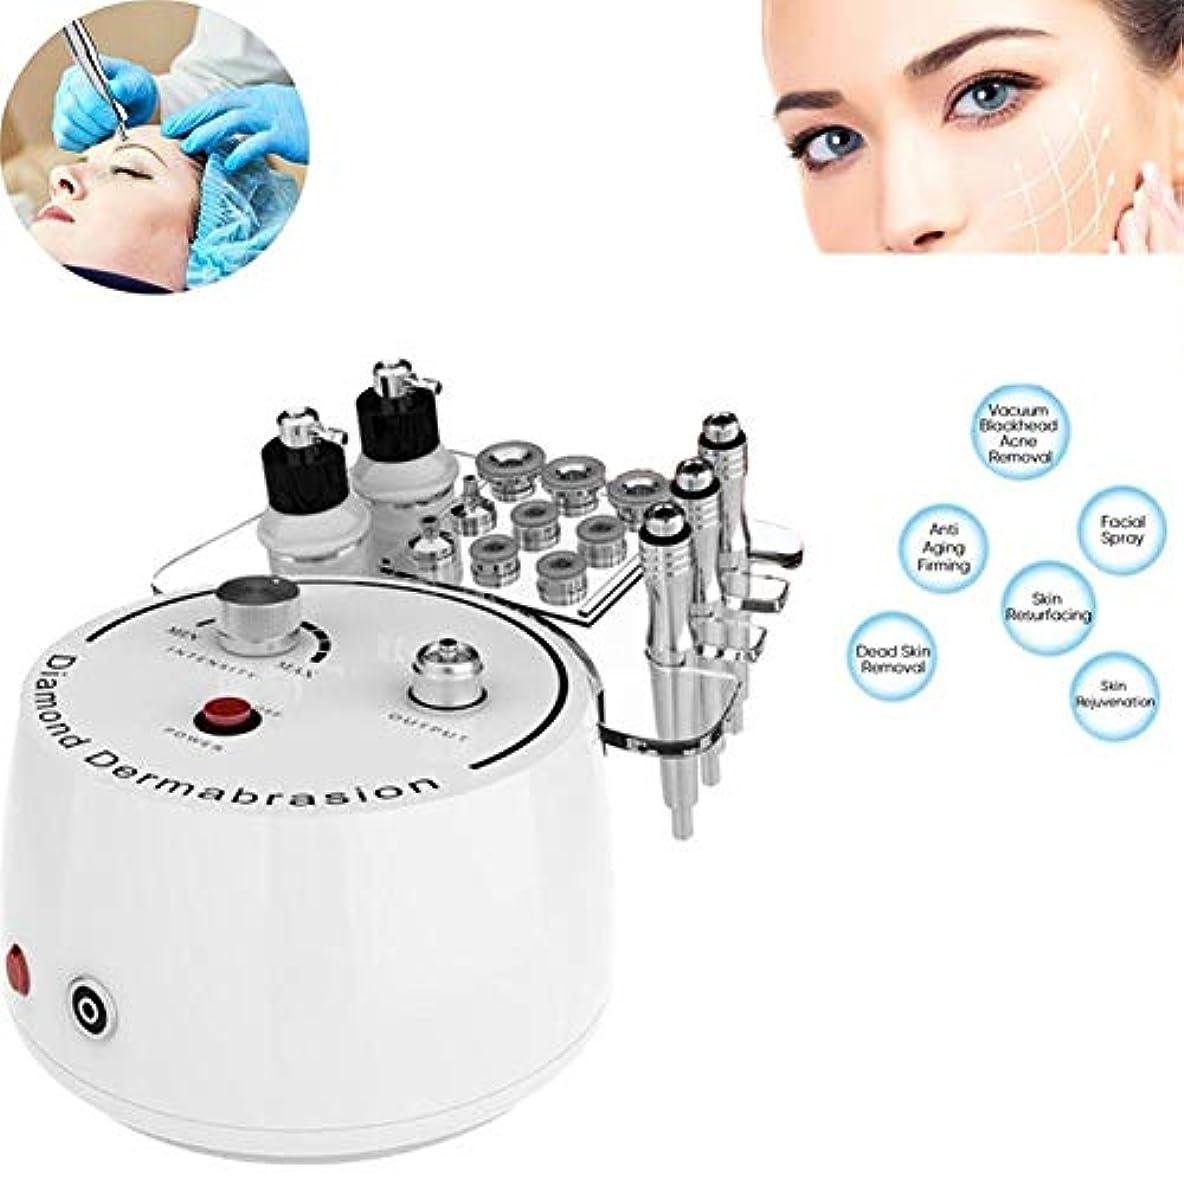 1ダイヤモンドマイクロダーマブレーション皮膚剥離機ホームフェイシャル美容機器に付き3